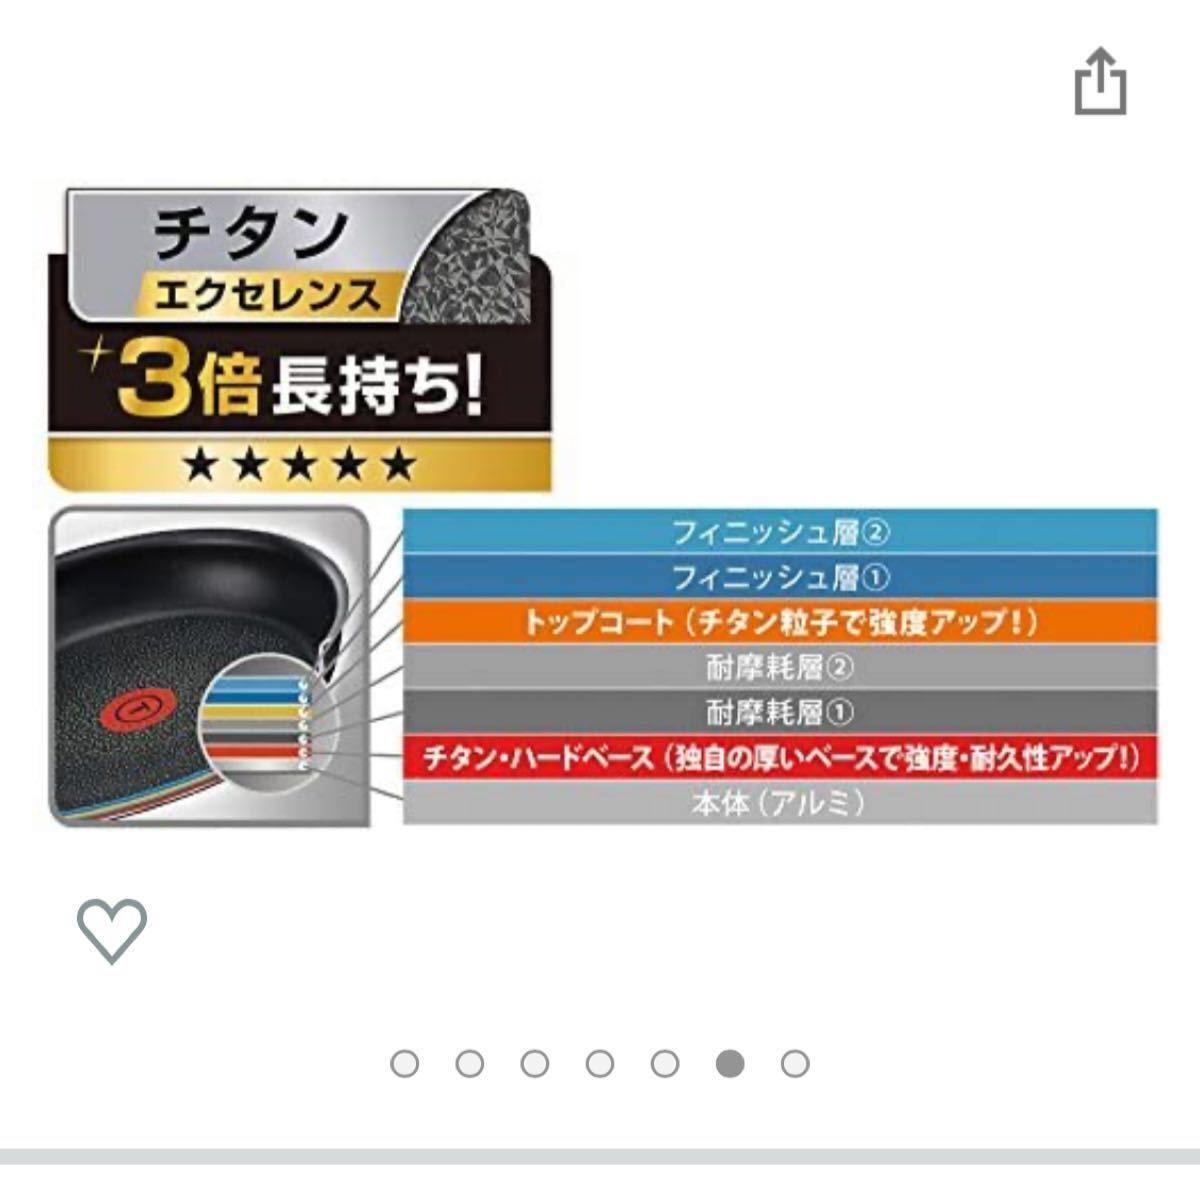 新品 T-fal ティファール フライパン 26cm IH対応 インジニオ・ネオ ブルーム・エクセレンス チタン